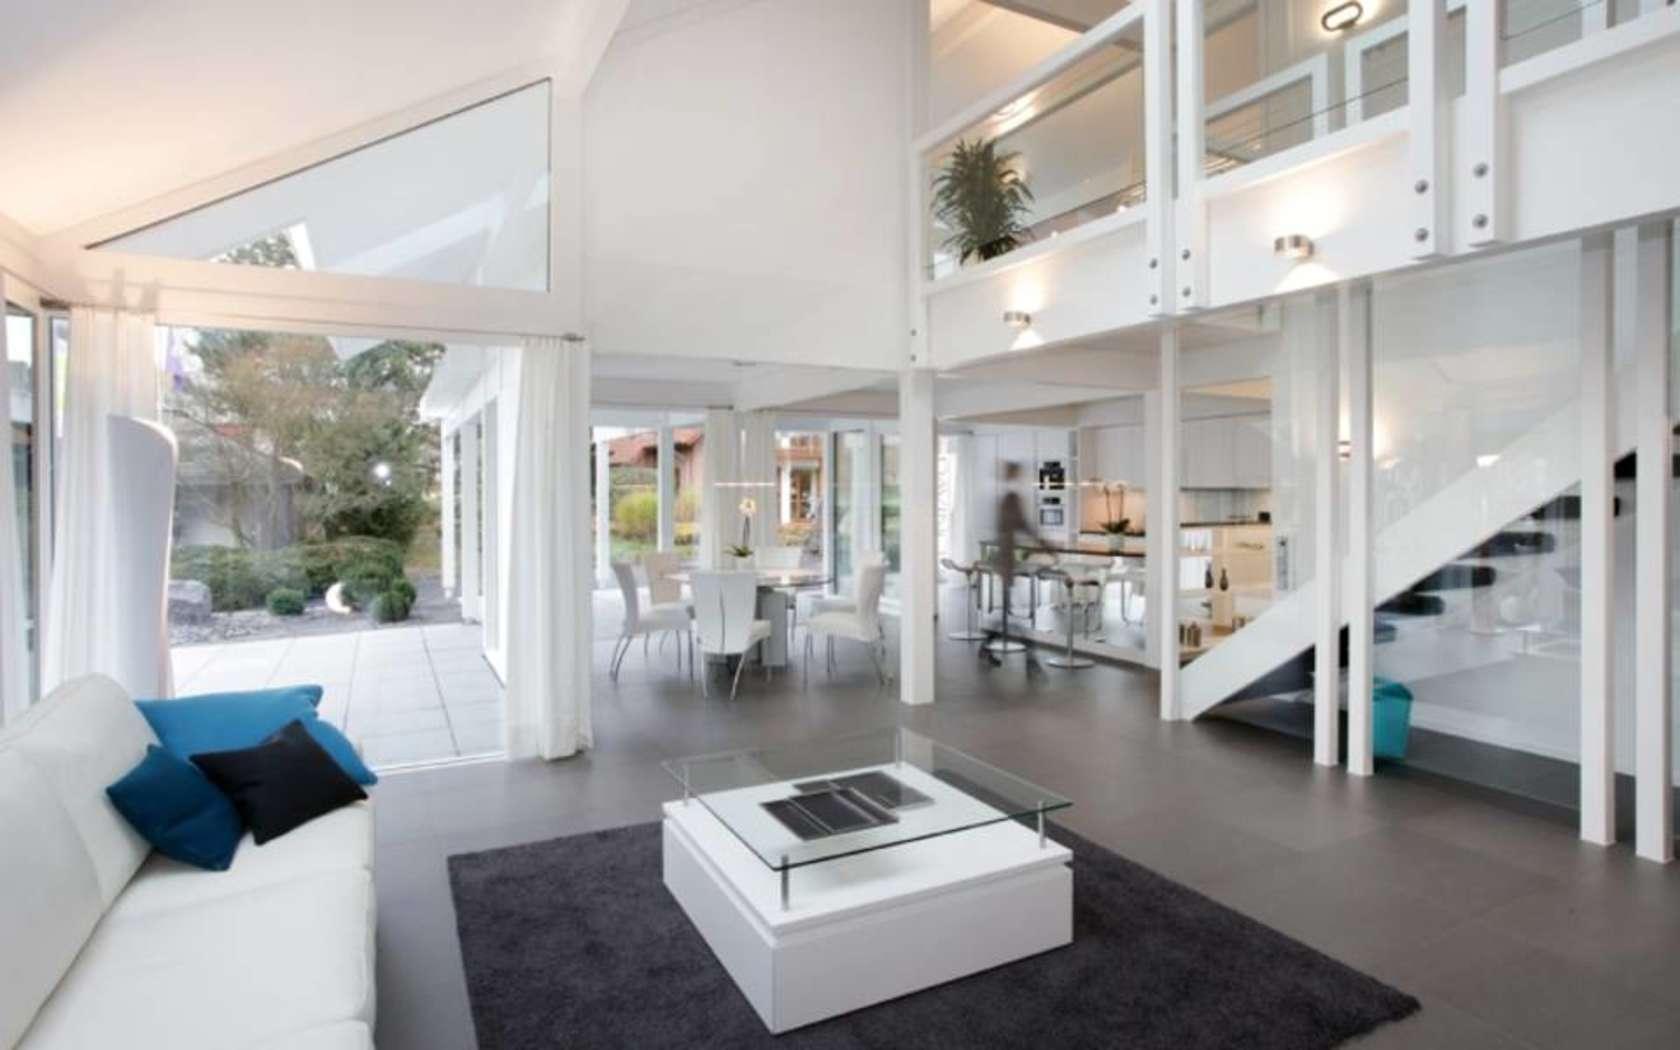 bad vibel frankfurt am main architizer. Black Bedroom Furniture Sets. Home Design Ideas